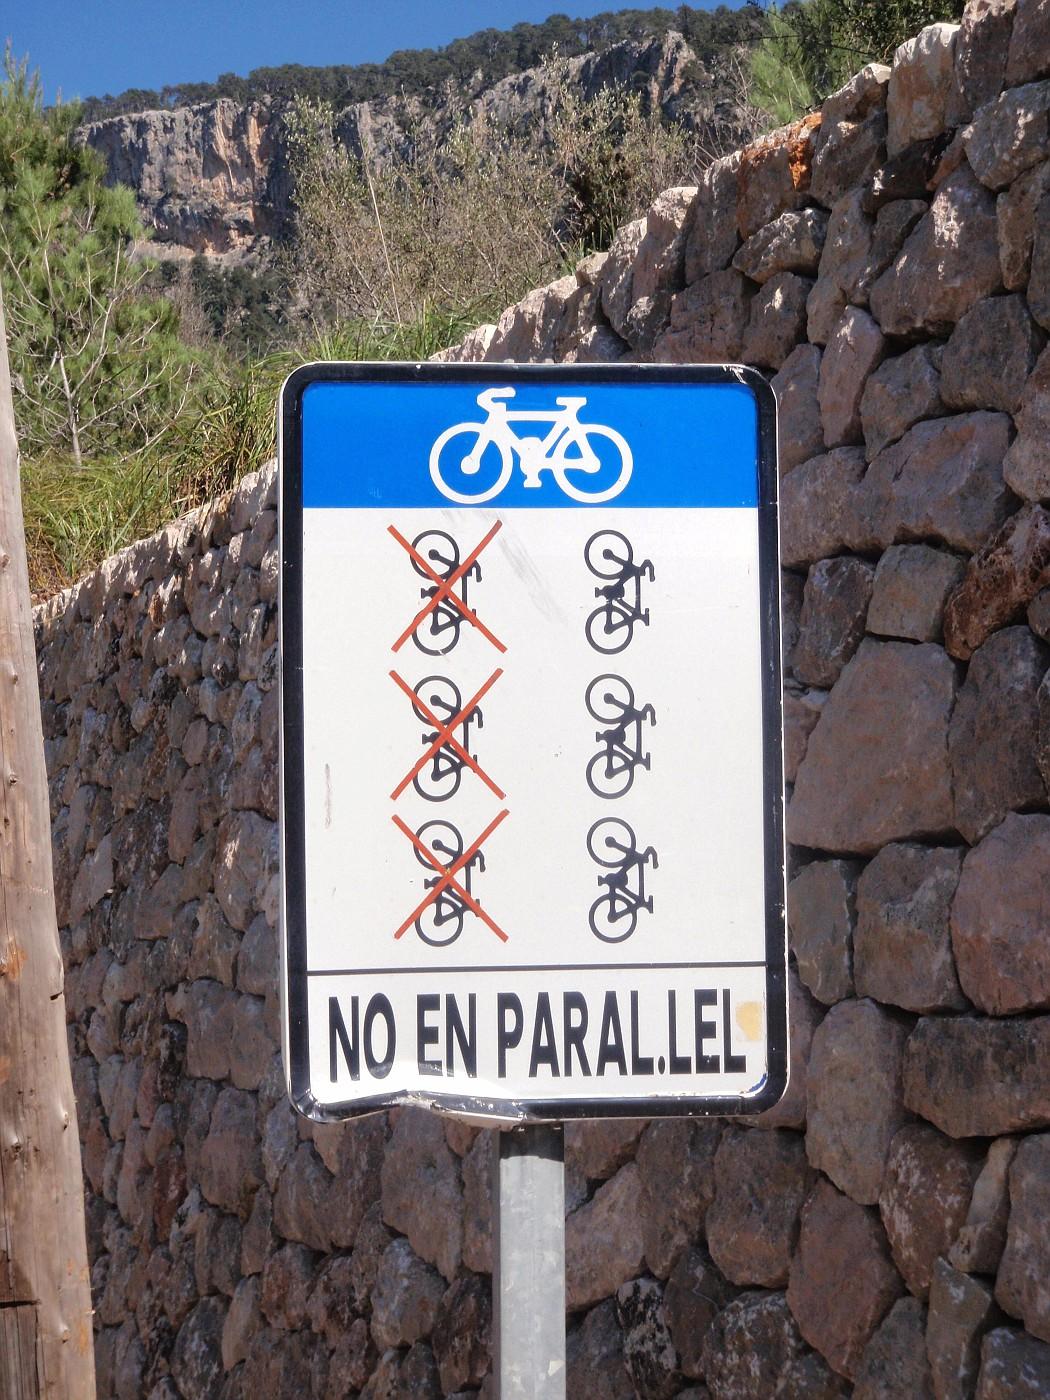 No en parallel